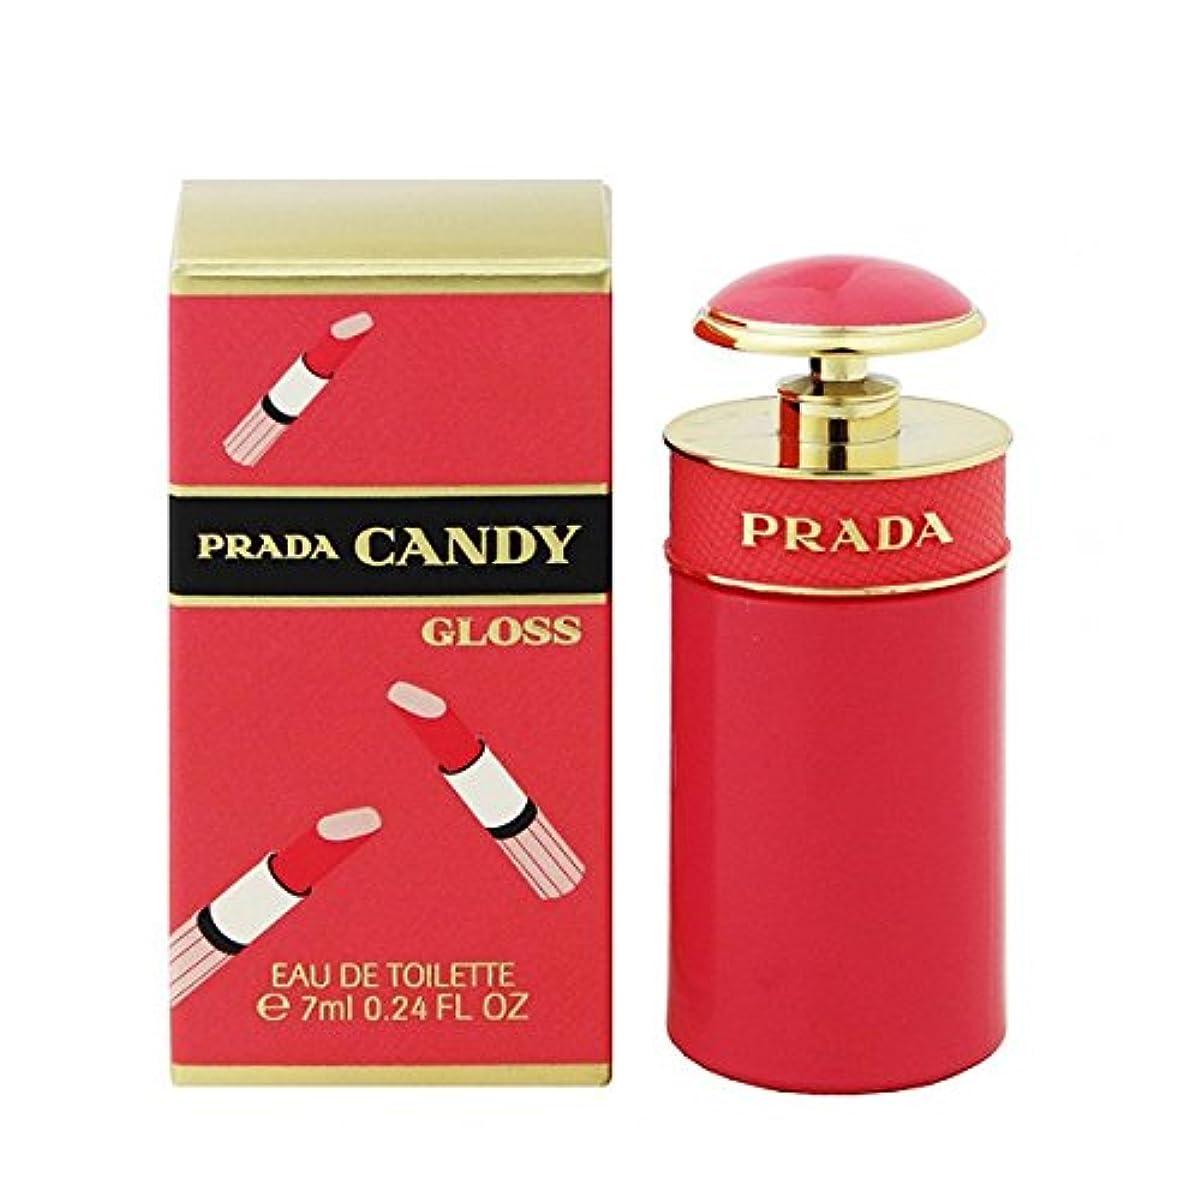 とにかく限りのぞき見プラダ キャンディ グロス ミニボトル EDT 7ml プラダ PRADA